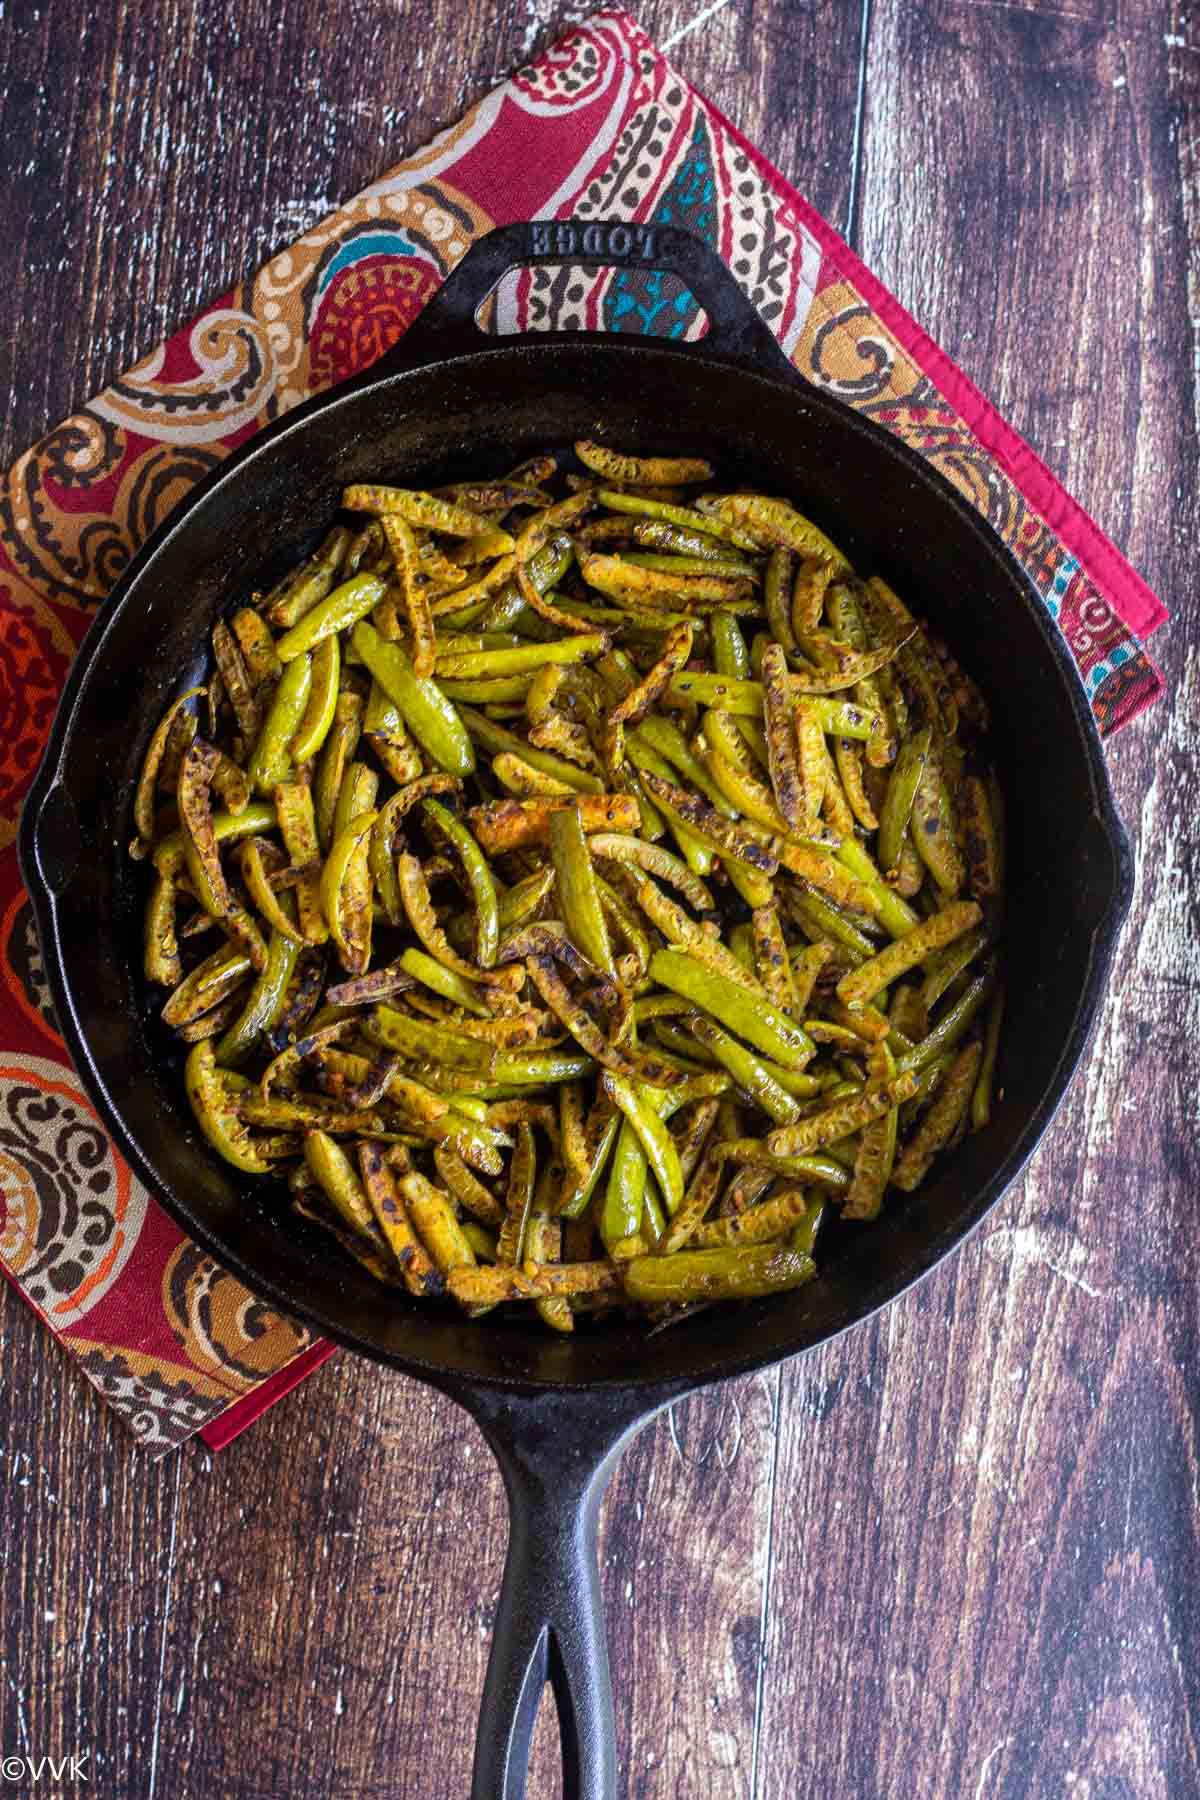 आसान कोवाक्कई पोरियाल लाल मटके पर रखे कच्चे लोहे के पैन में पकाया और परोसा जाता है